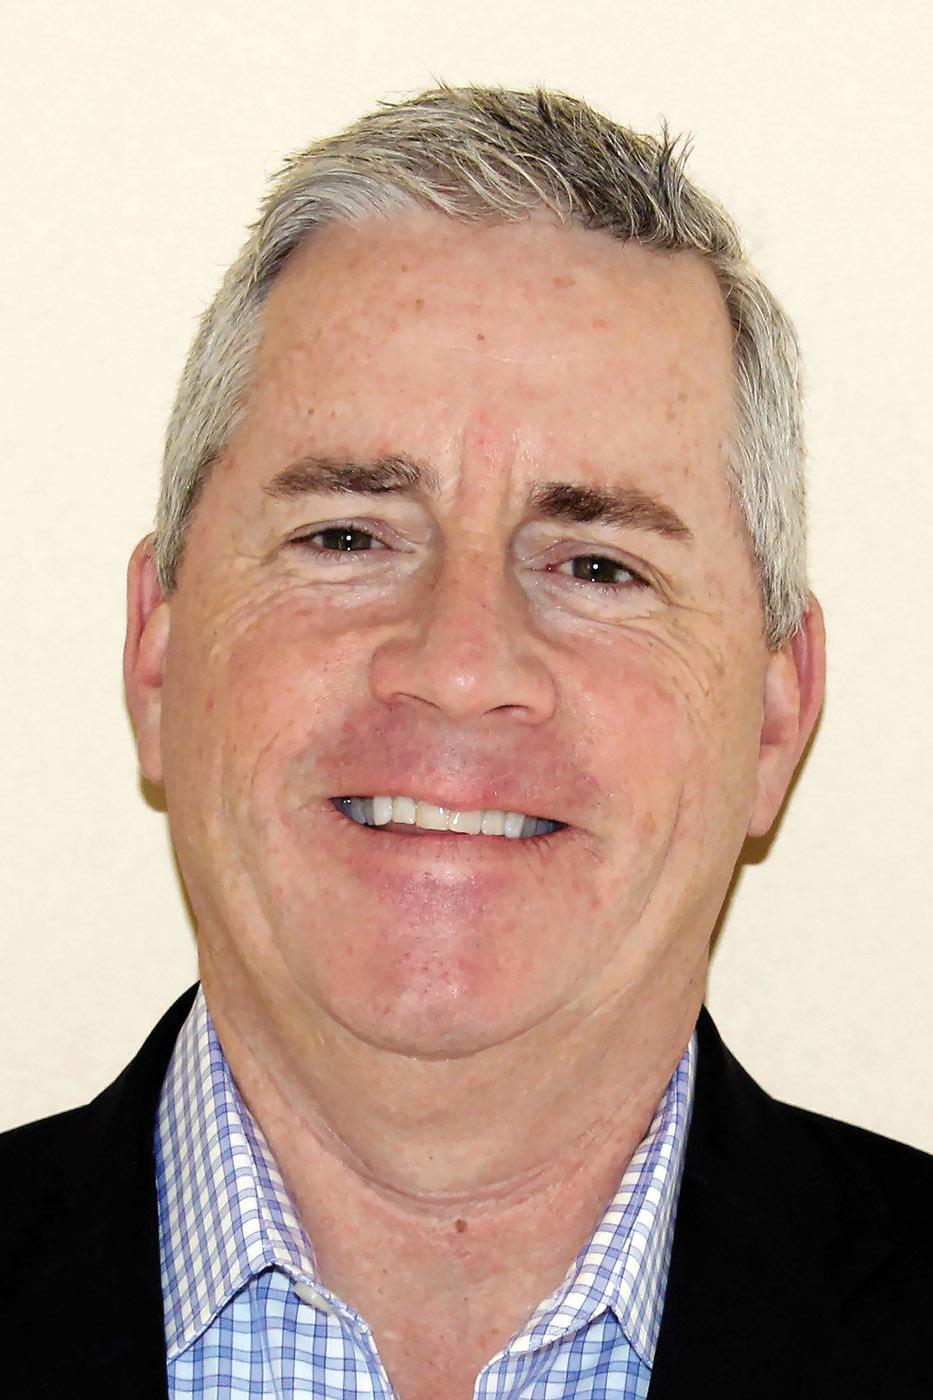 Brian Suriner